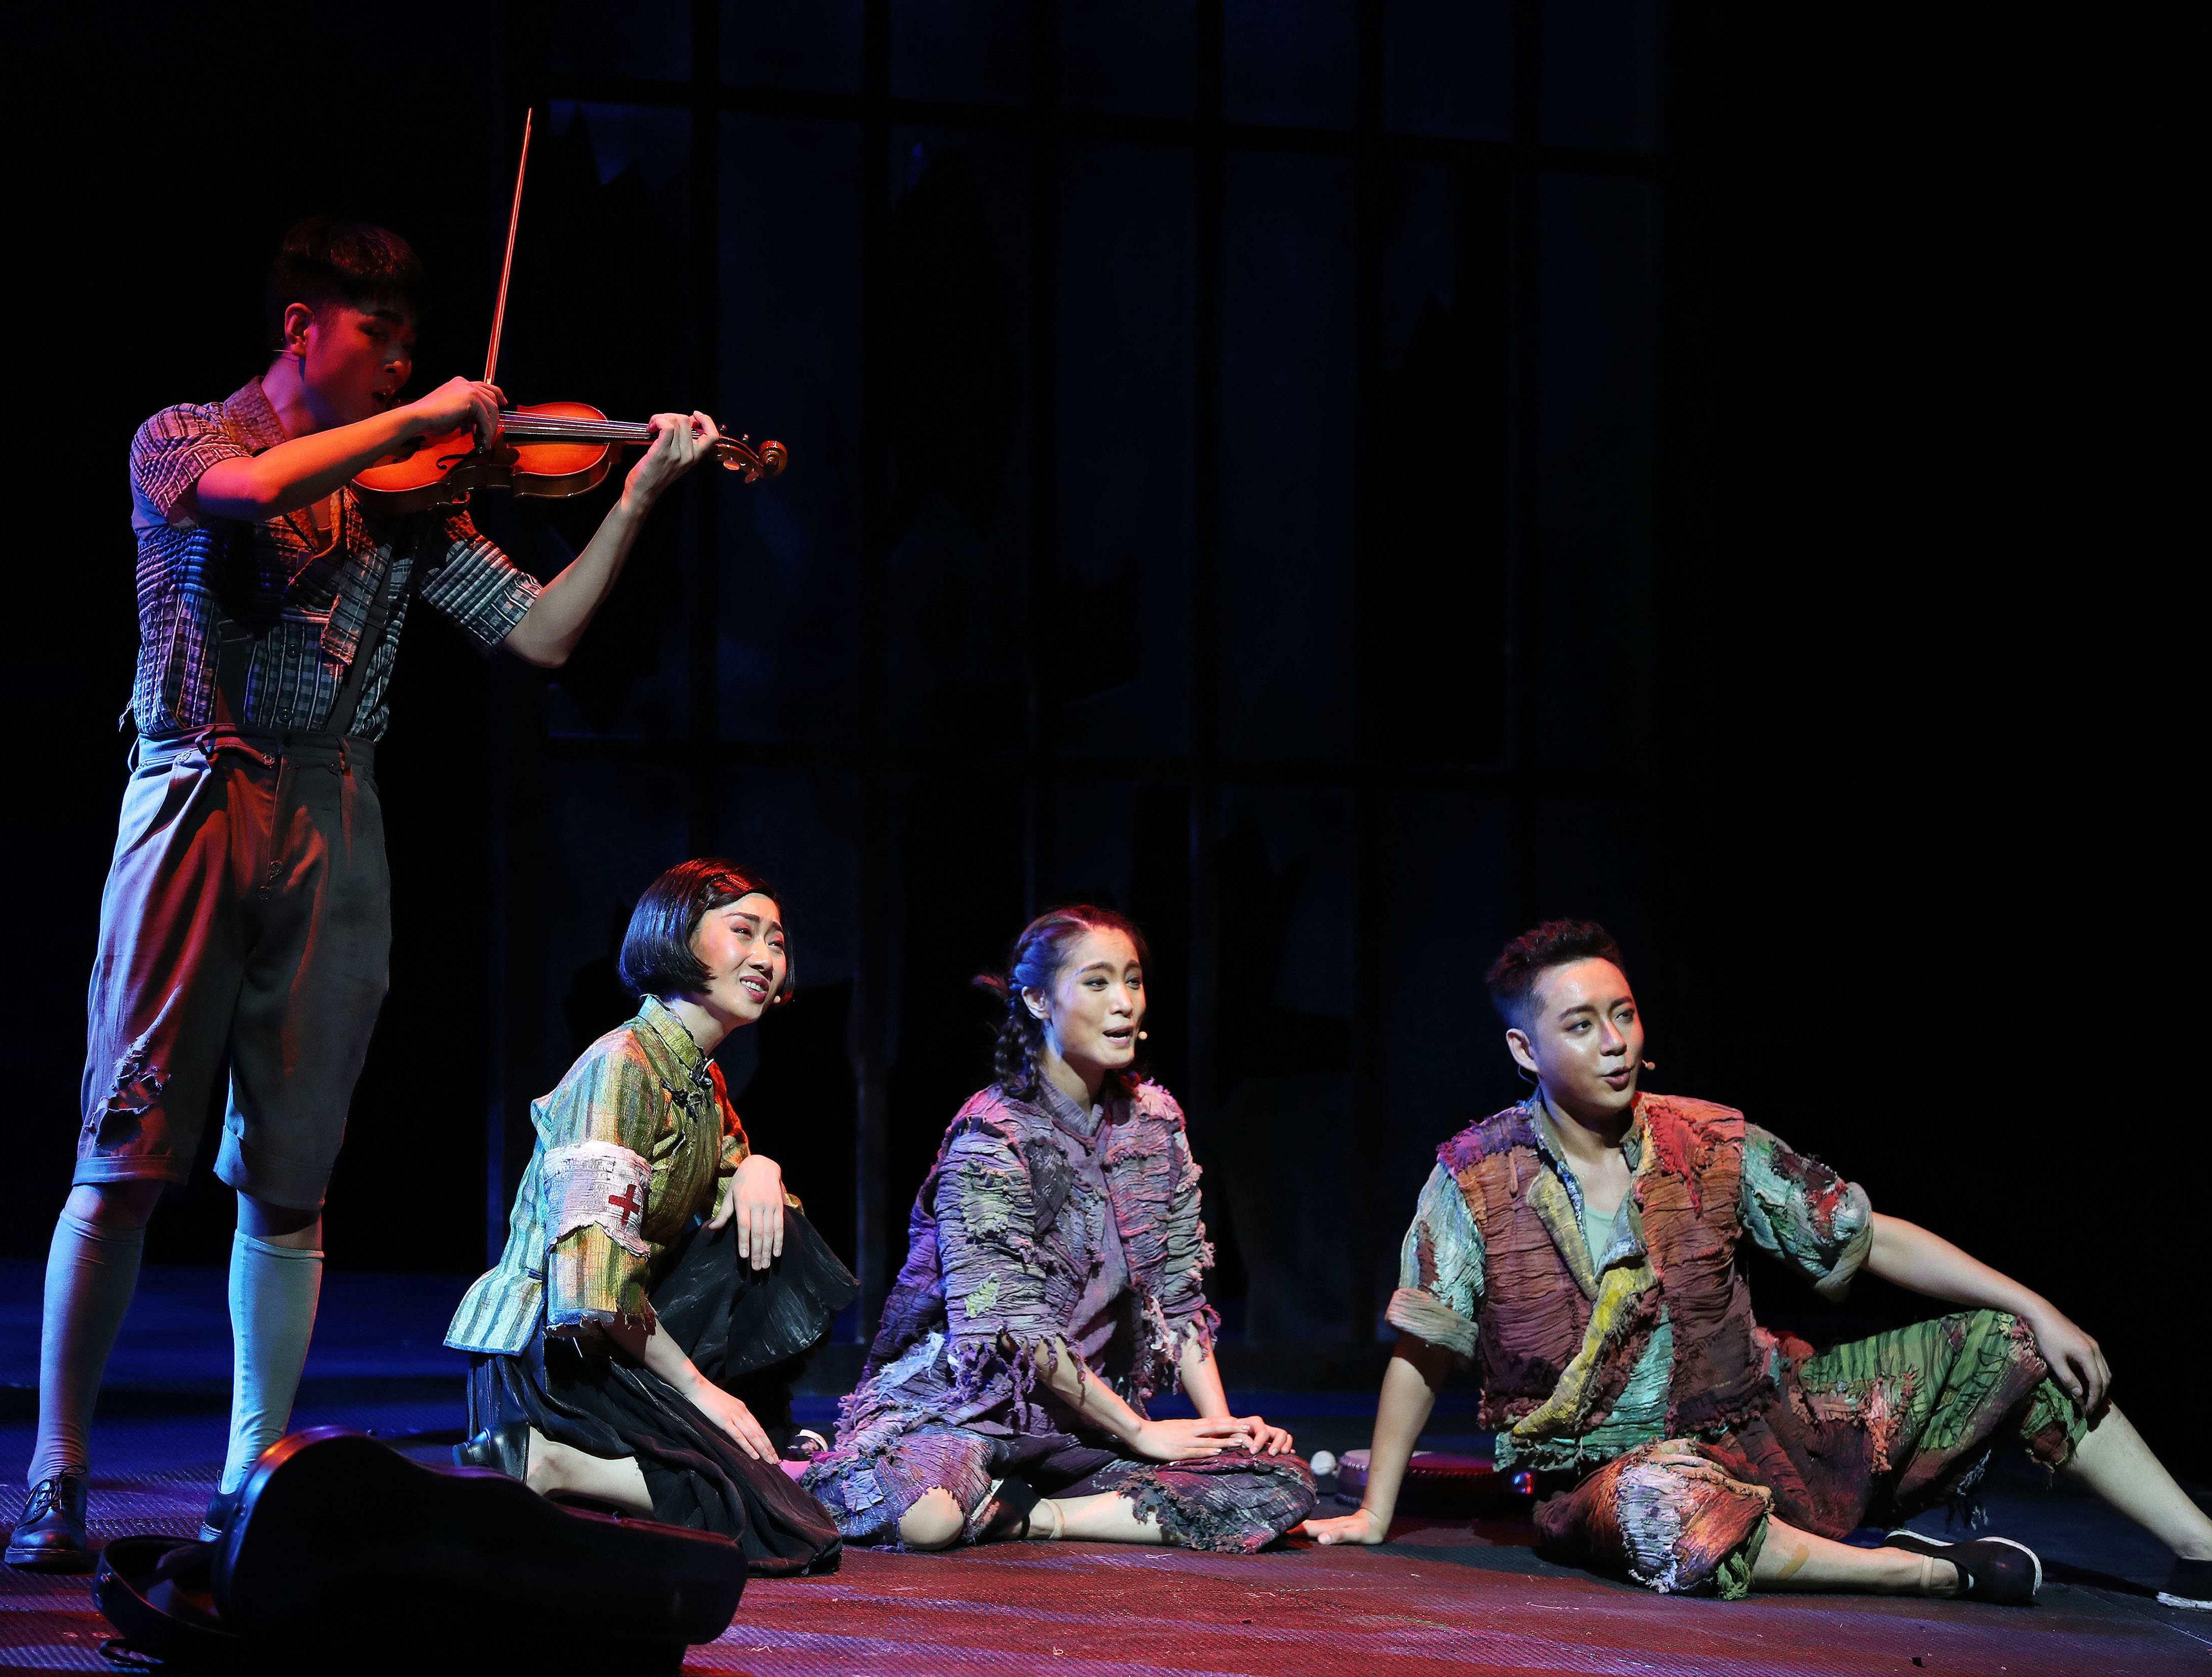 中國兒童戲劇節:讓特殊群體孩子感受溫暖